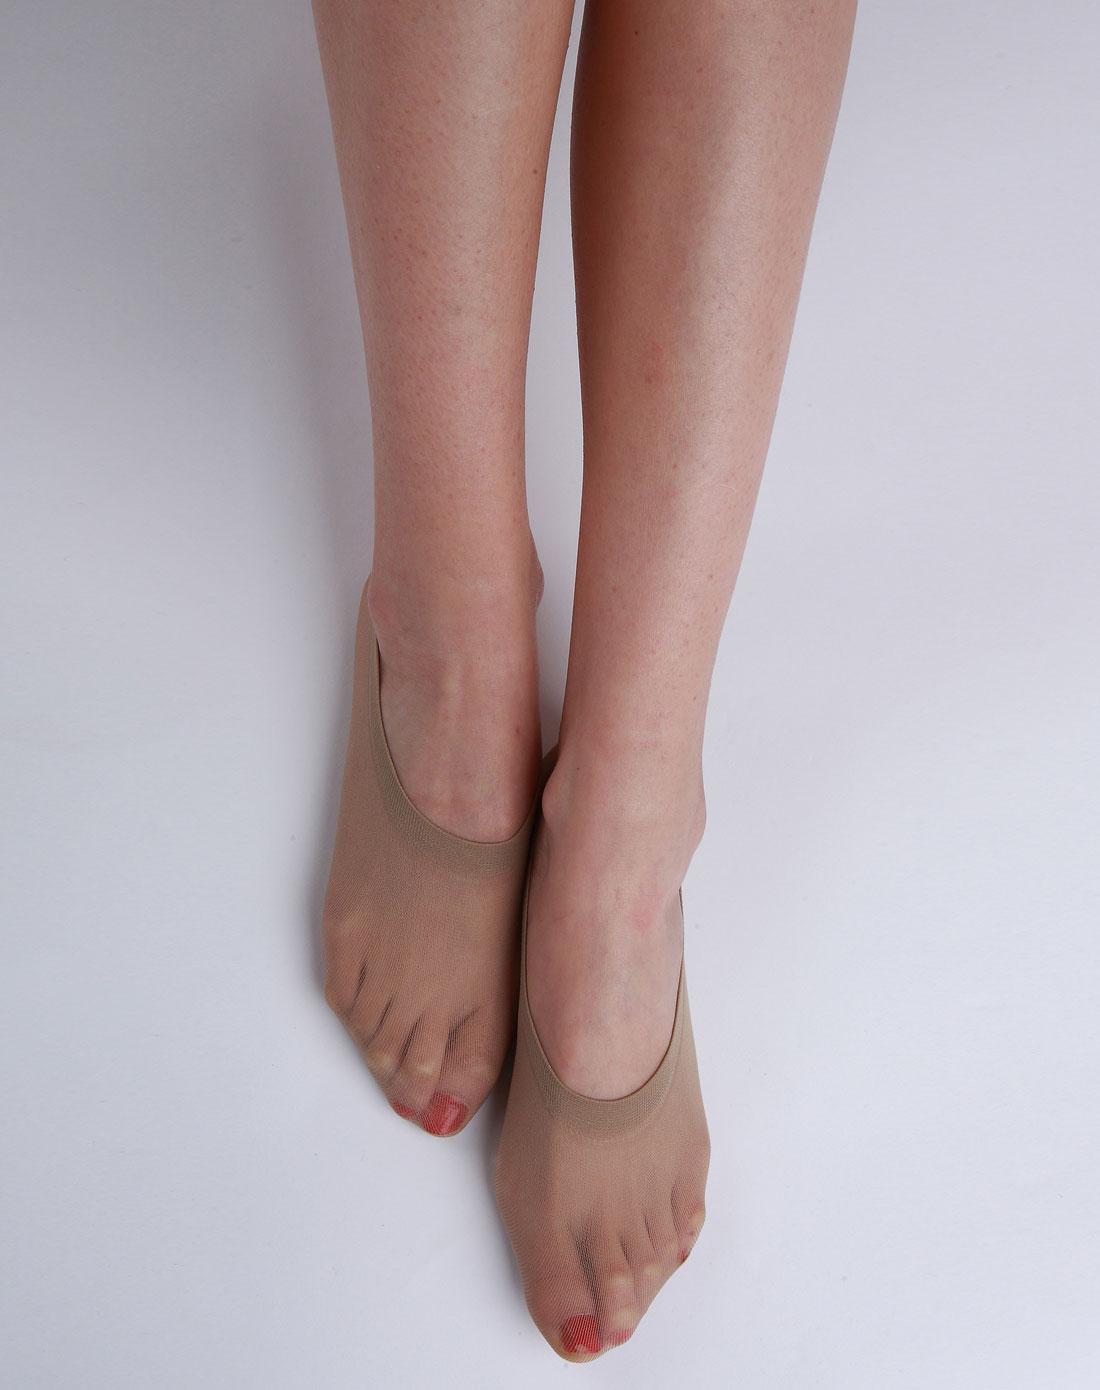 梦娜&阳光女孩女款肉色隐形船袜12双装6943541404620